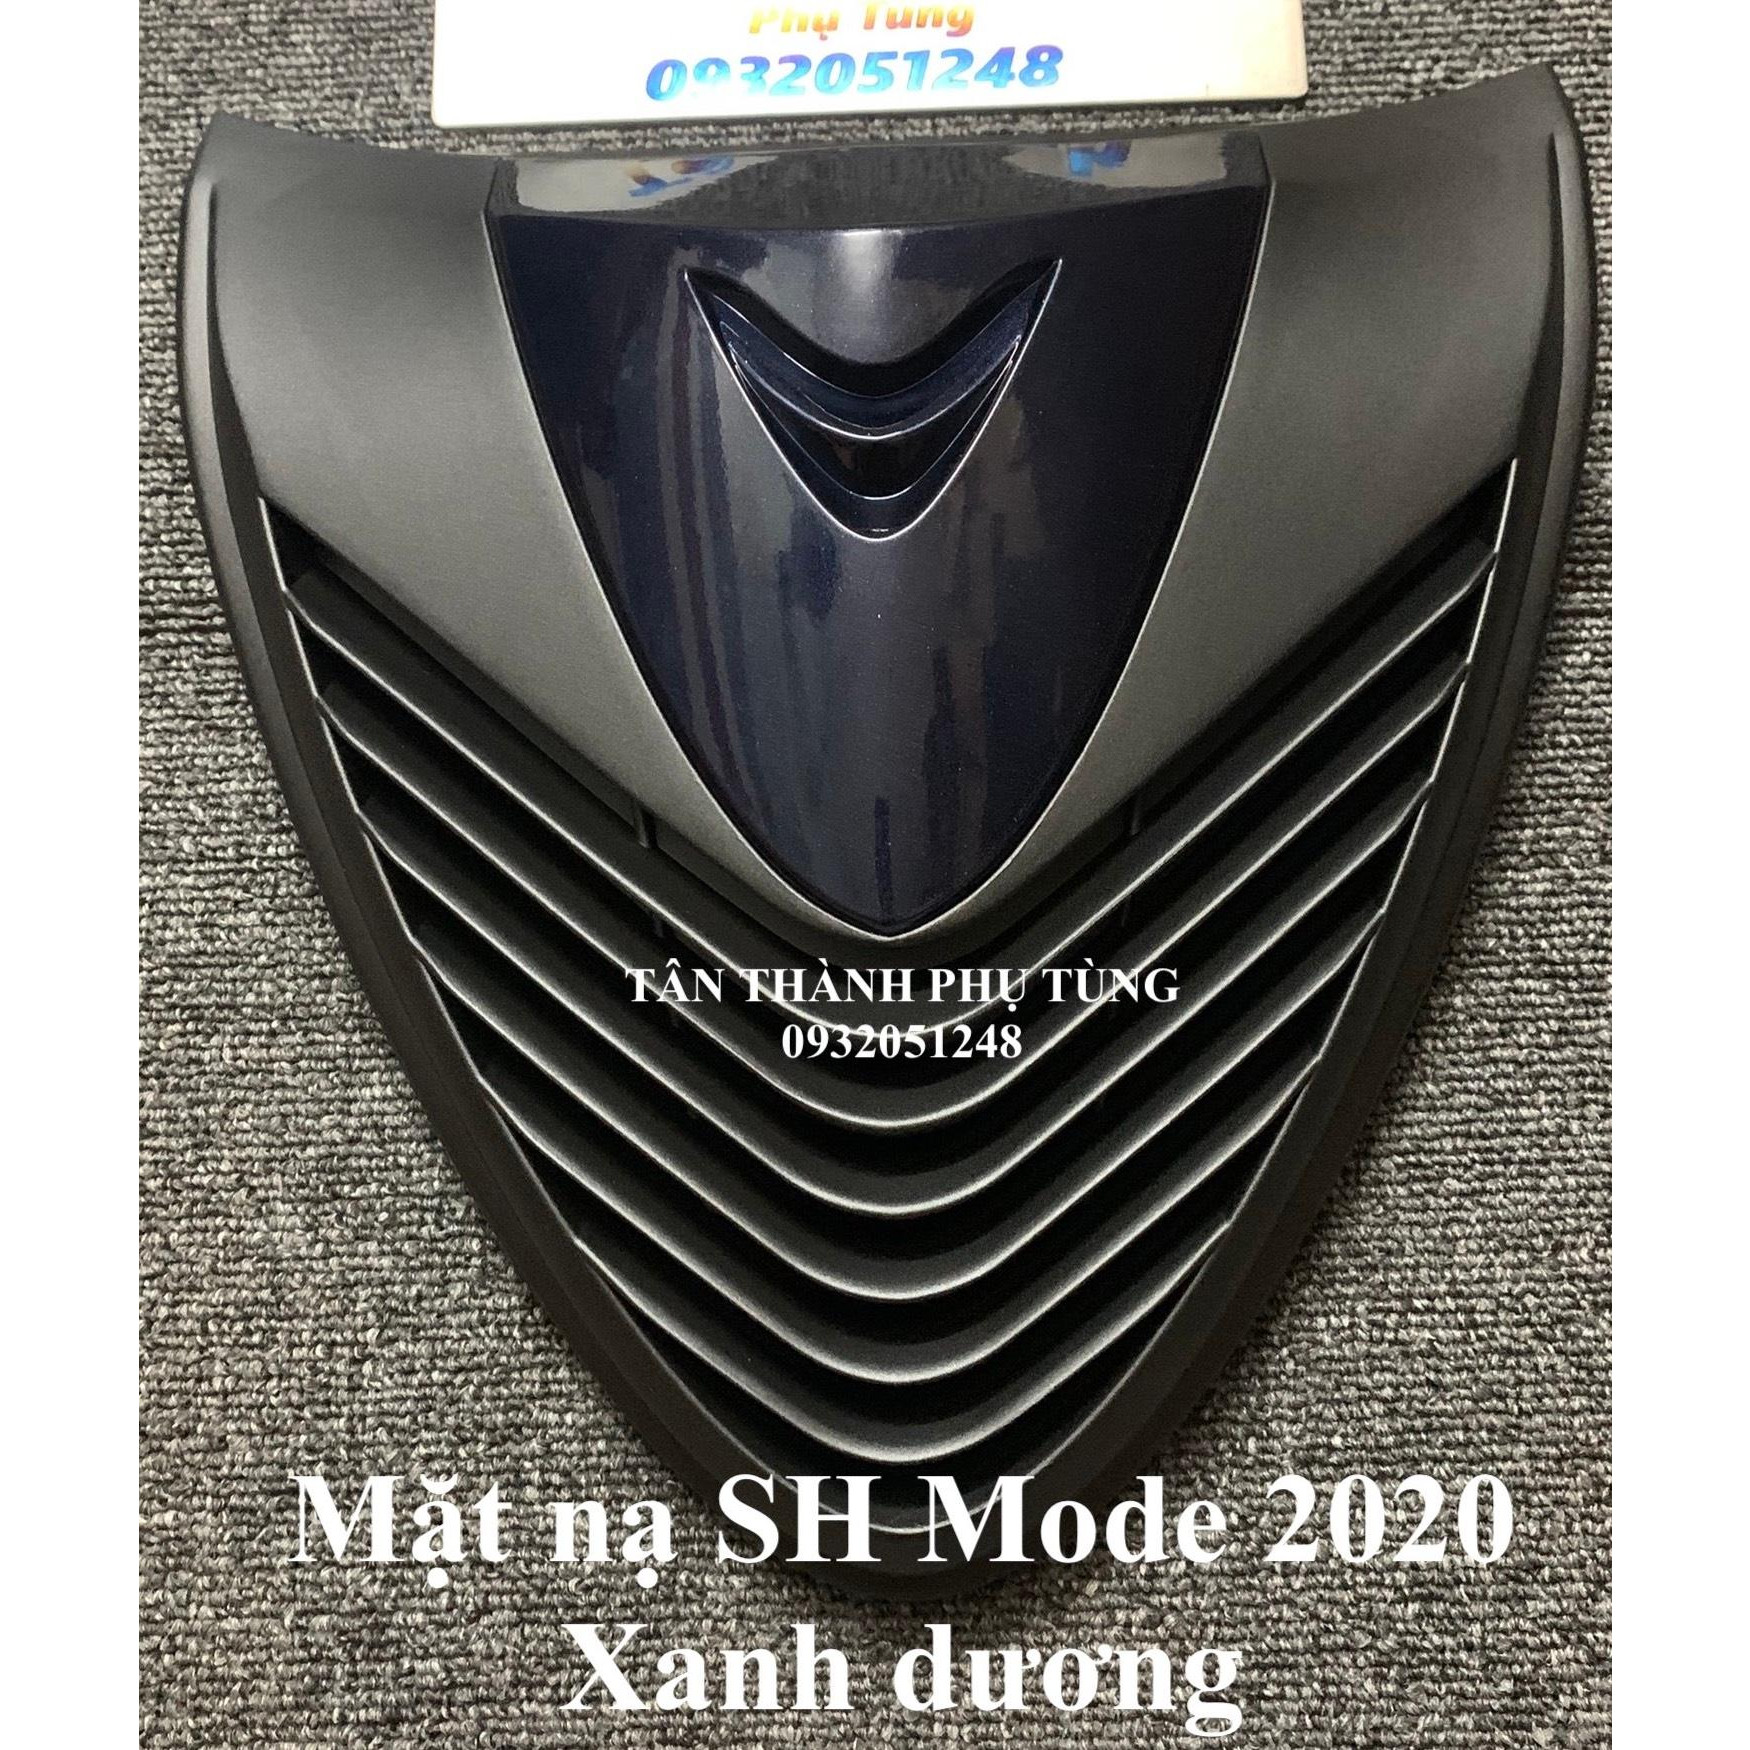 Mặt nạ dành cho SH mode 2020 kiểu SH Ý màu xanh dương